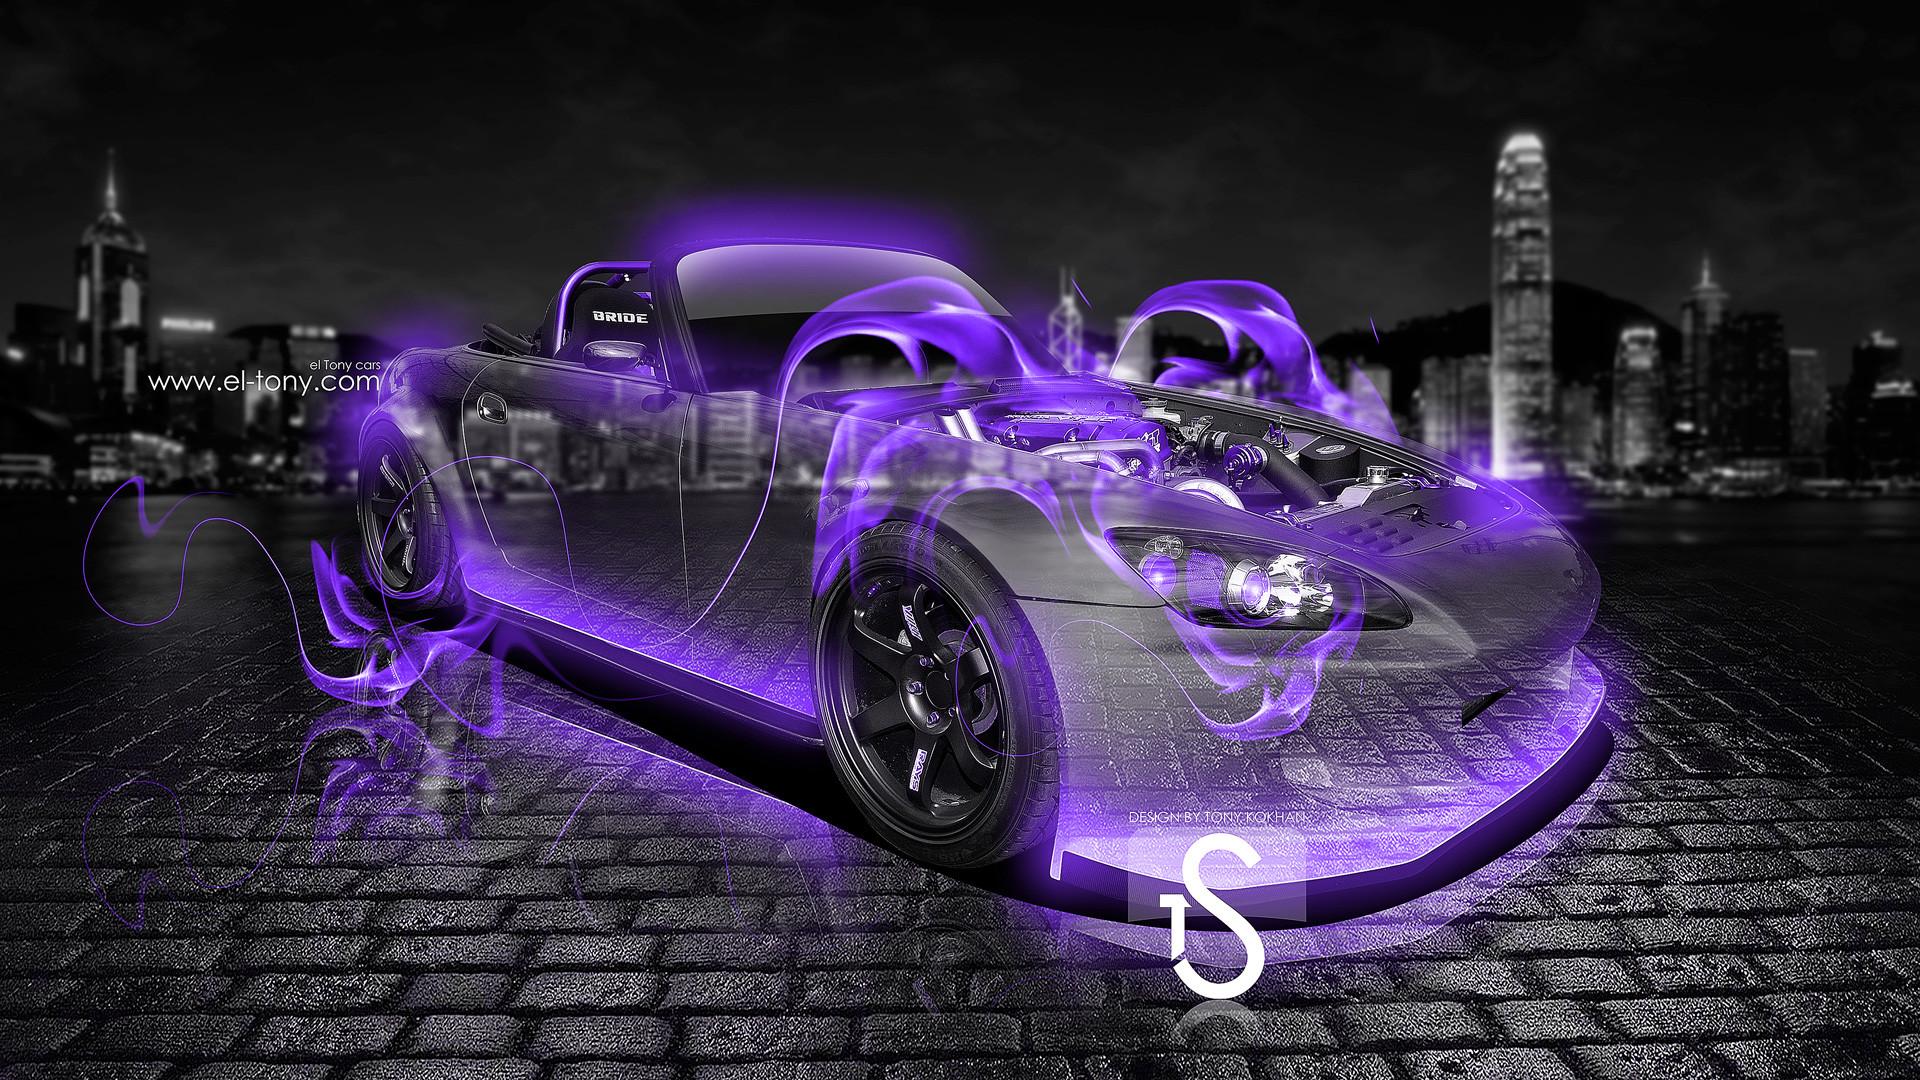 Purple Flames Wallpaper 64 Images